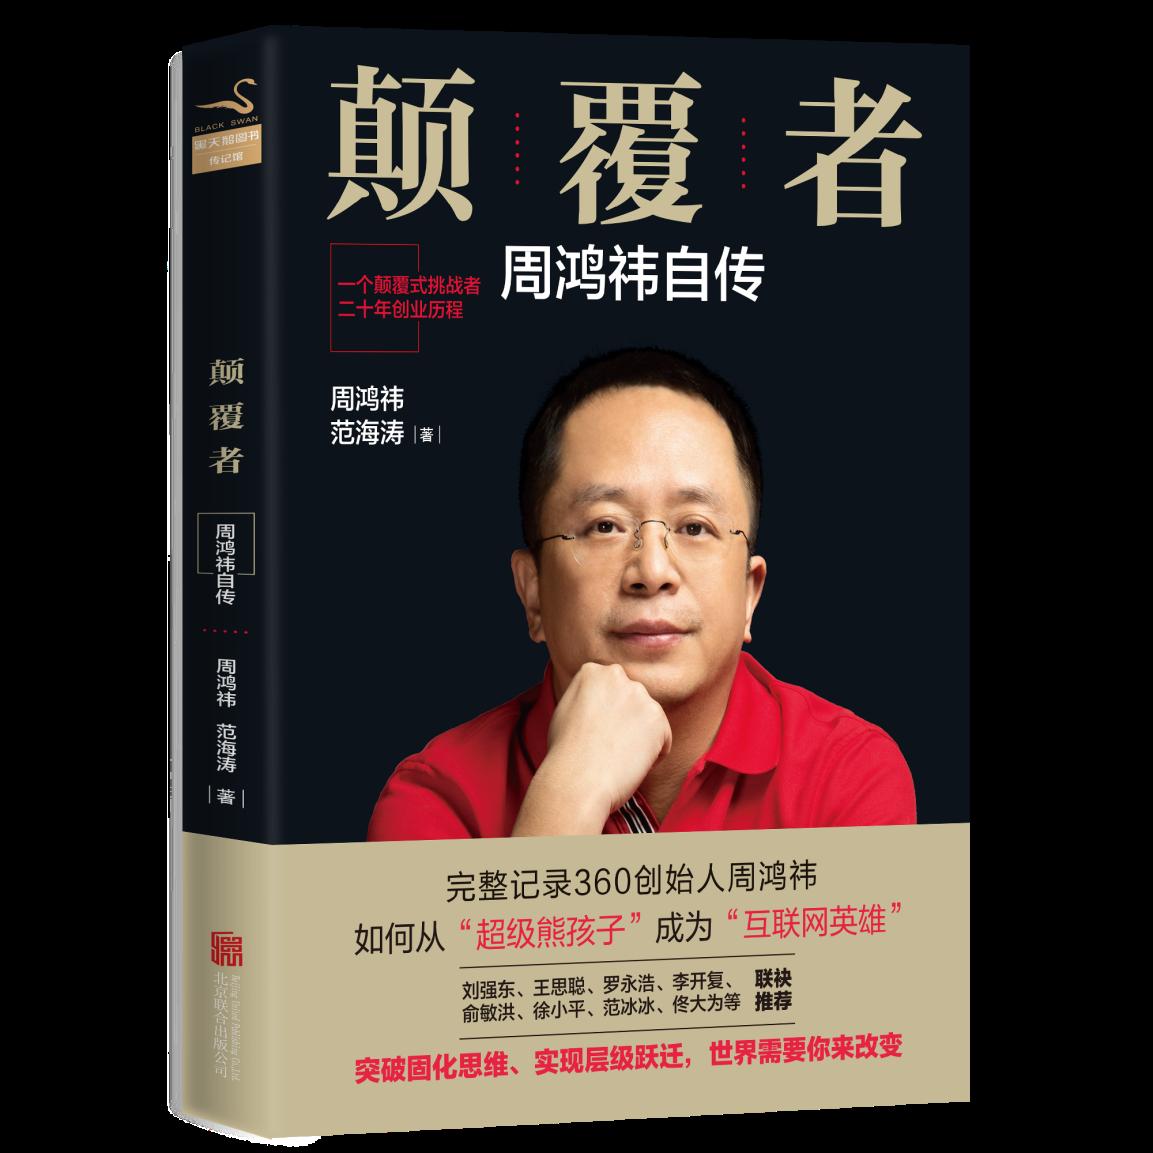 周鸿祎对话刘强东:分享精彩成长历程